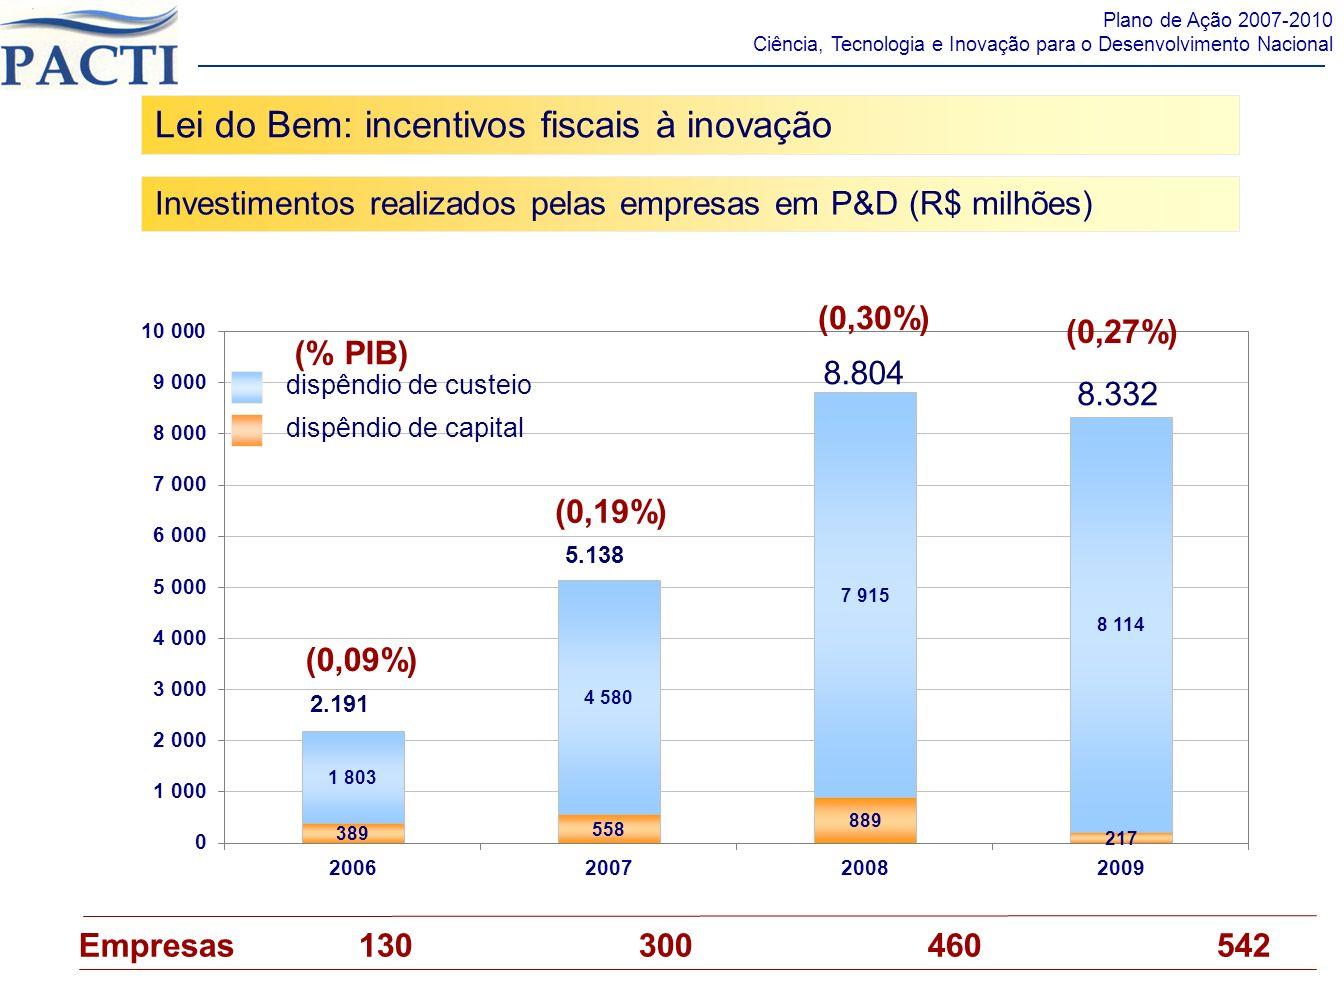 Lei do Bem: incentivos fiscais à inovação Investimentos realizados pelas empresas em P&D (R$ milhões) Plano de Ação 2007-2010 Ciência, Tecnologia e In